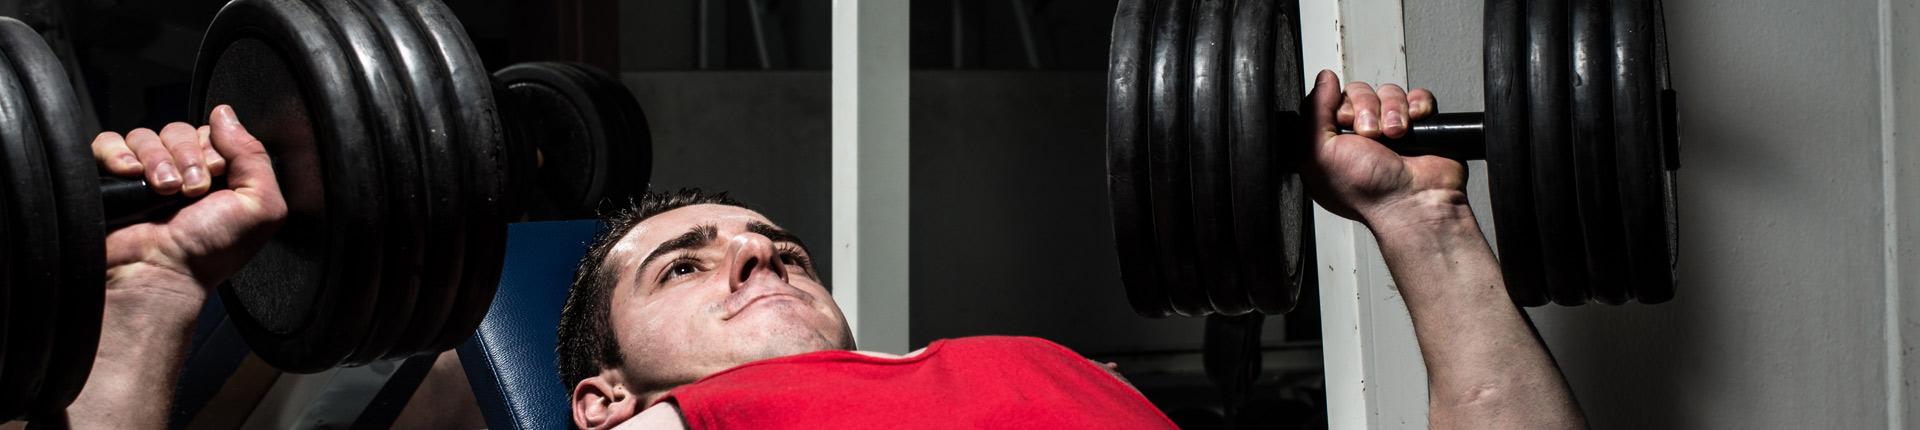 Ćwiczenia na masę, siłę, rzeźbę i wytrzymałość